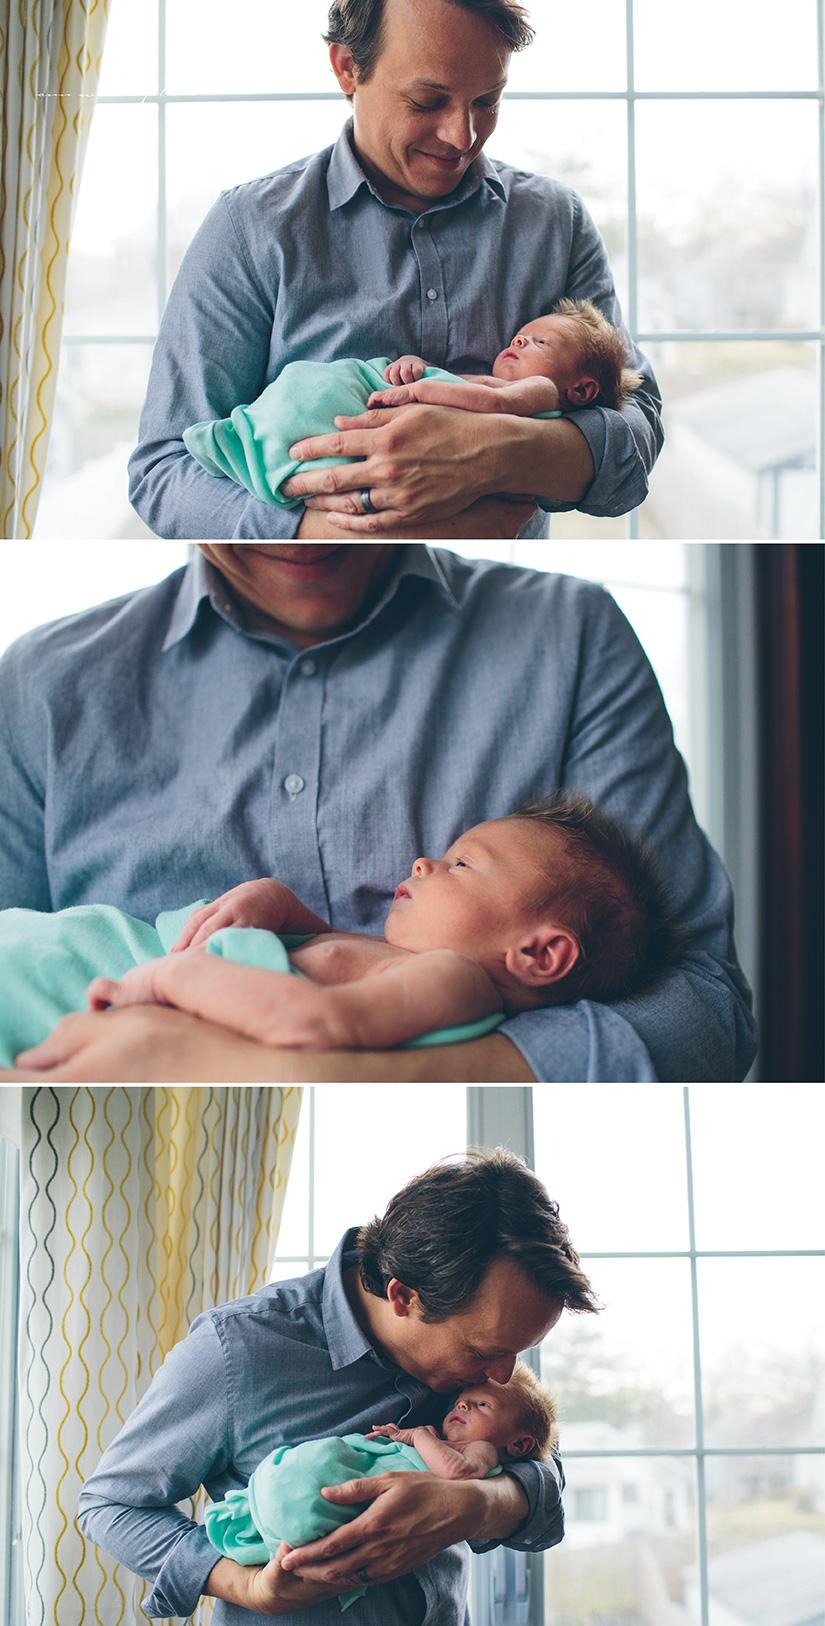 Oliver_newborn_blog5.jpg